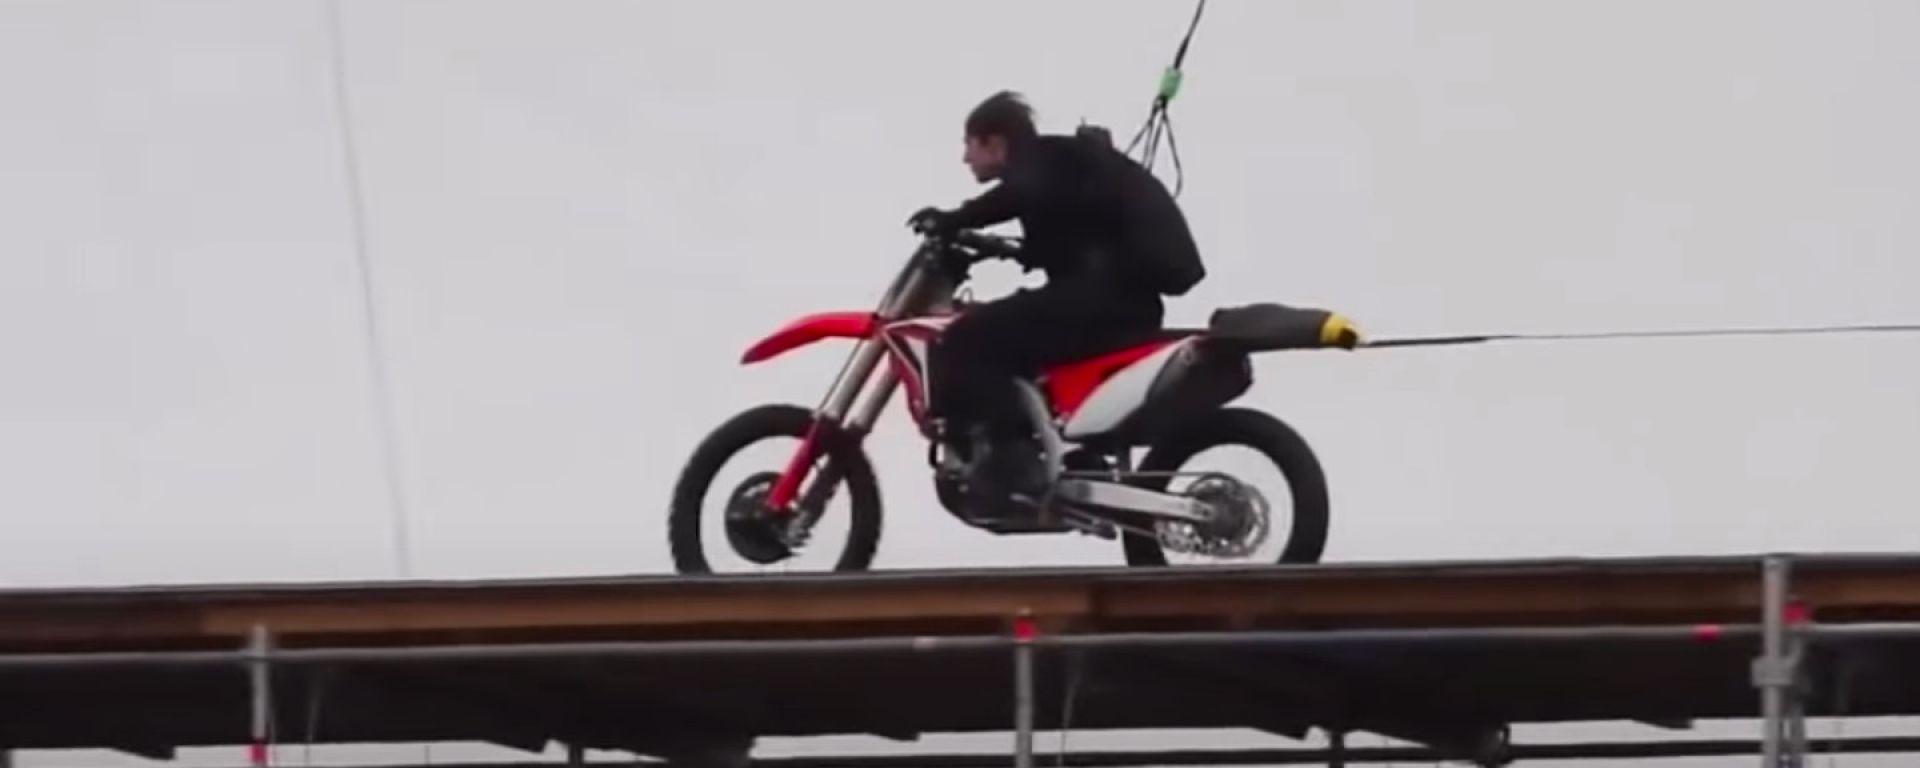 Tom Cruise sulla Honda CRF450 durante le riprese di